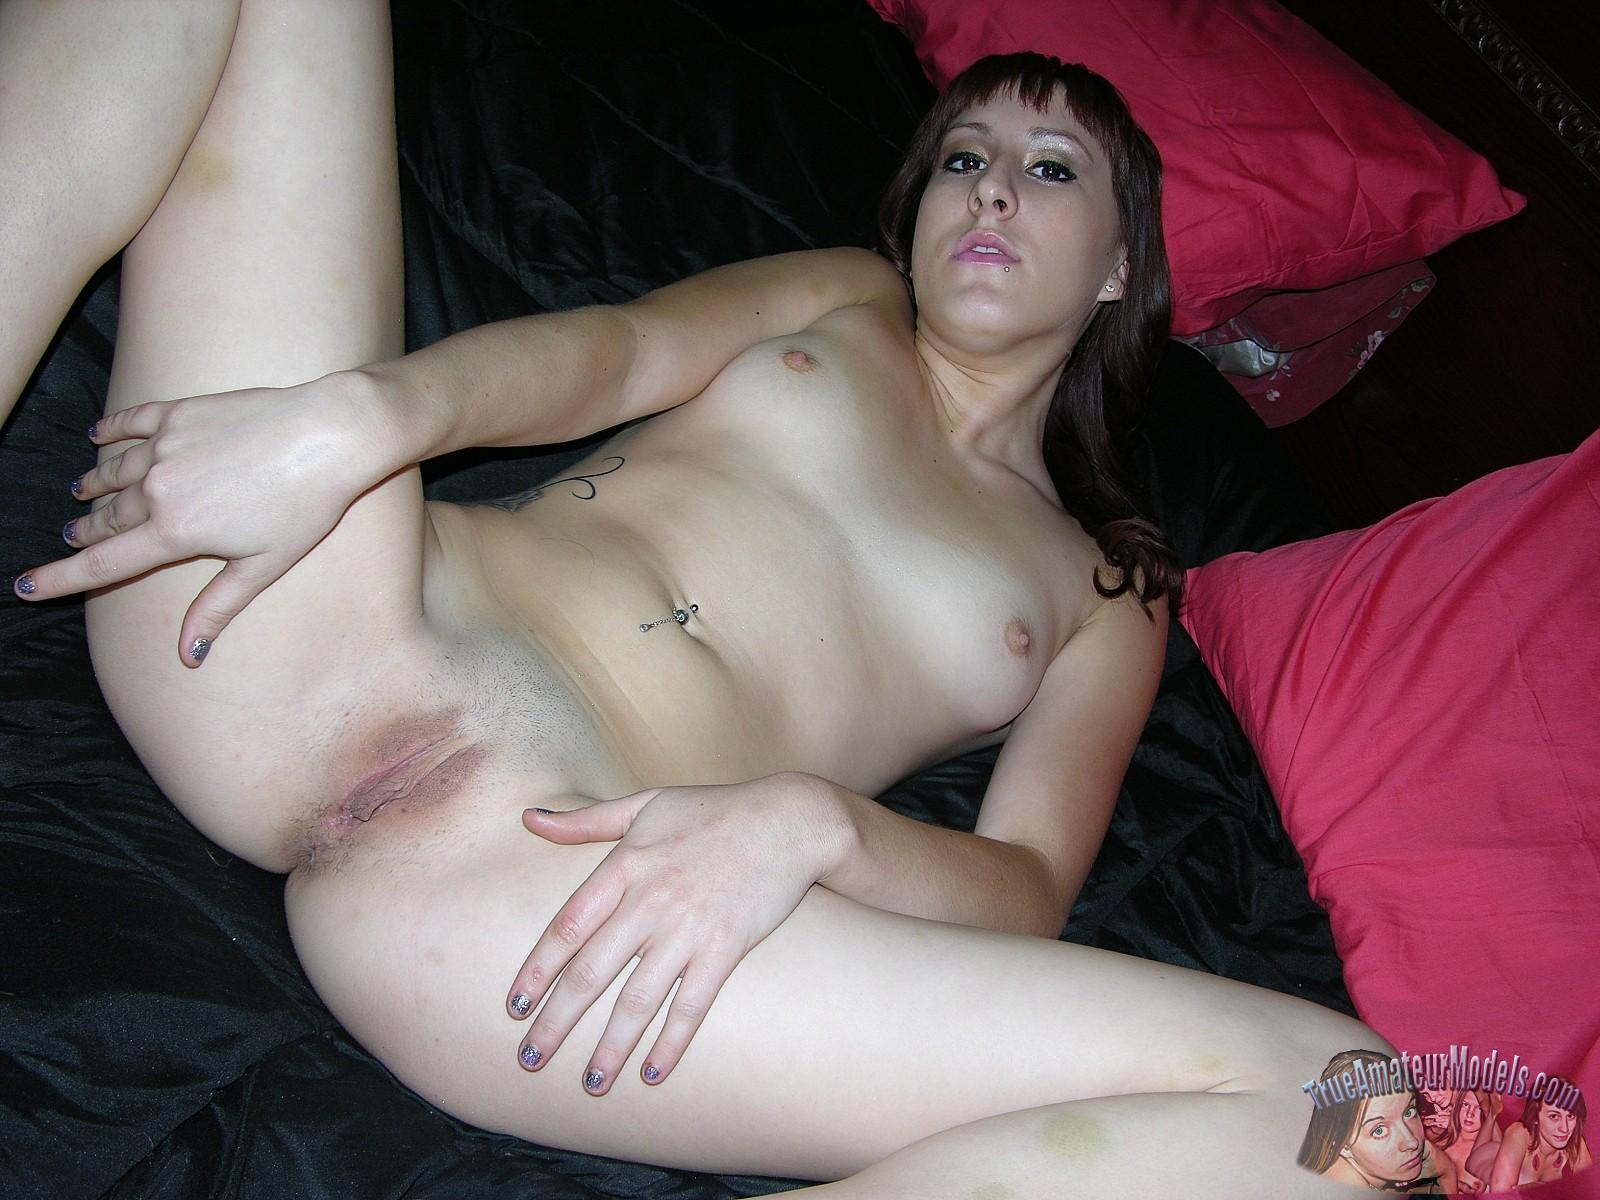 little porn star sex